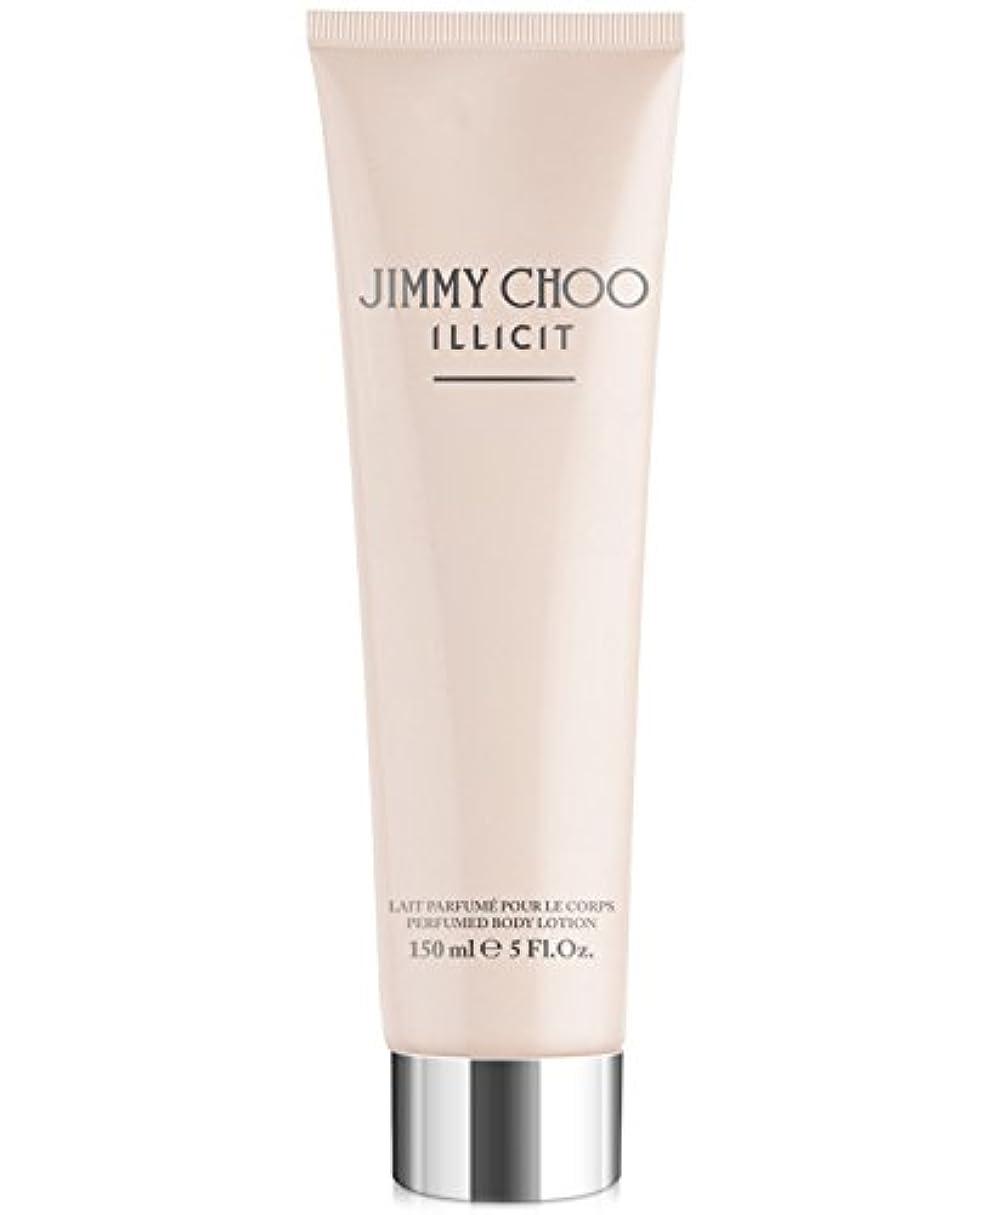 荒廃する満州水平Jimmy Choo Illicit (ジミー チュー イリシット) 5.0 oz (150ml) Body Lotion for Women